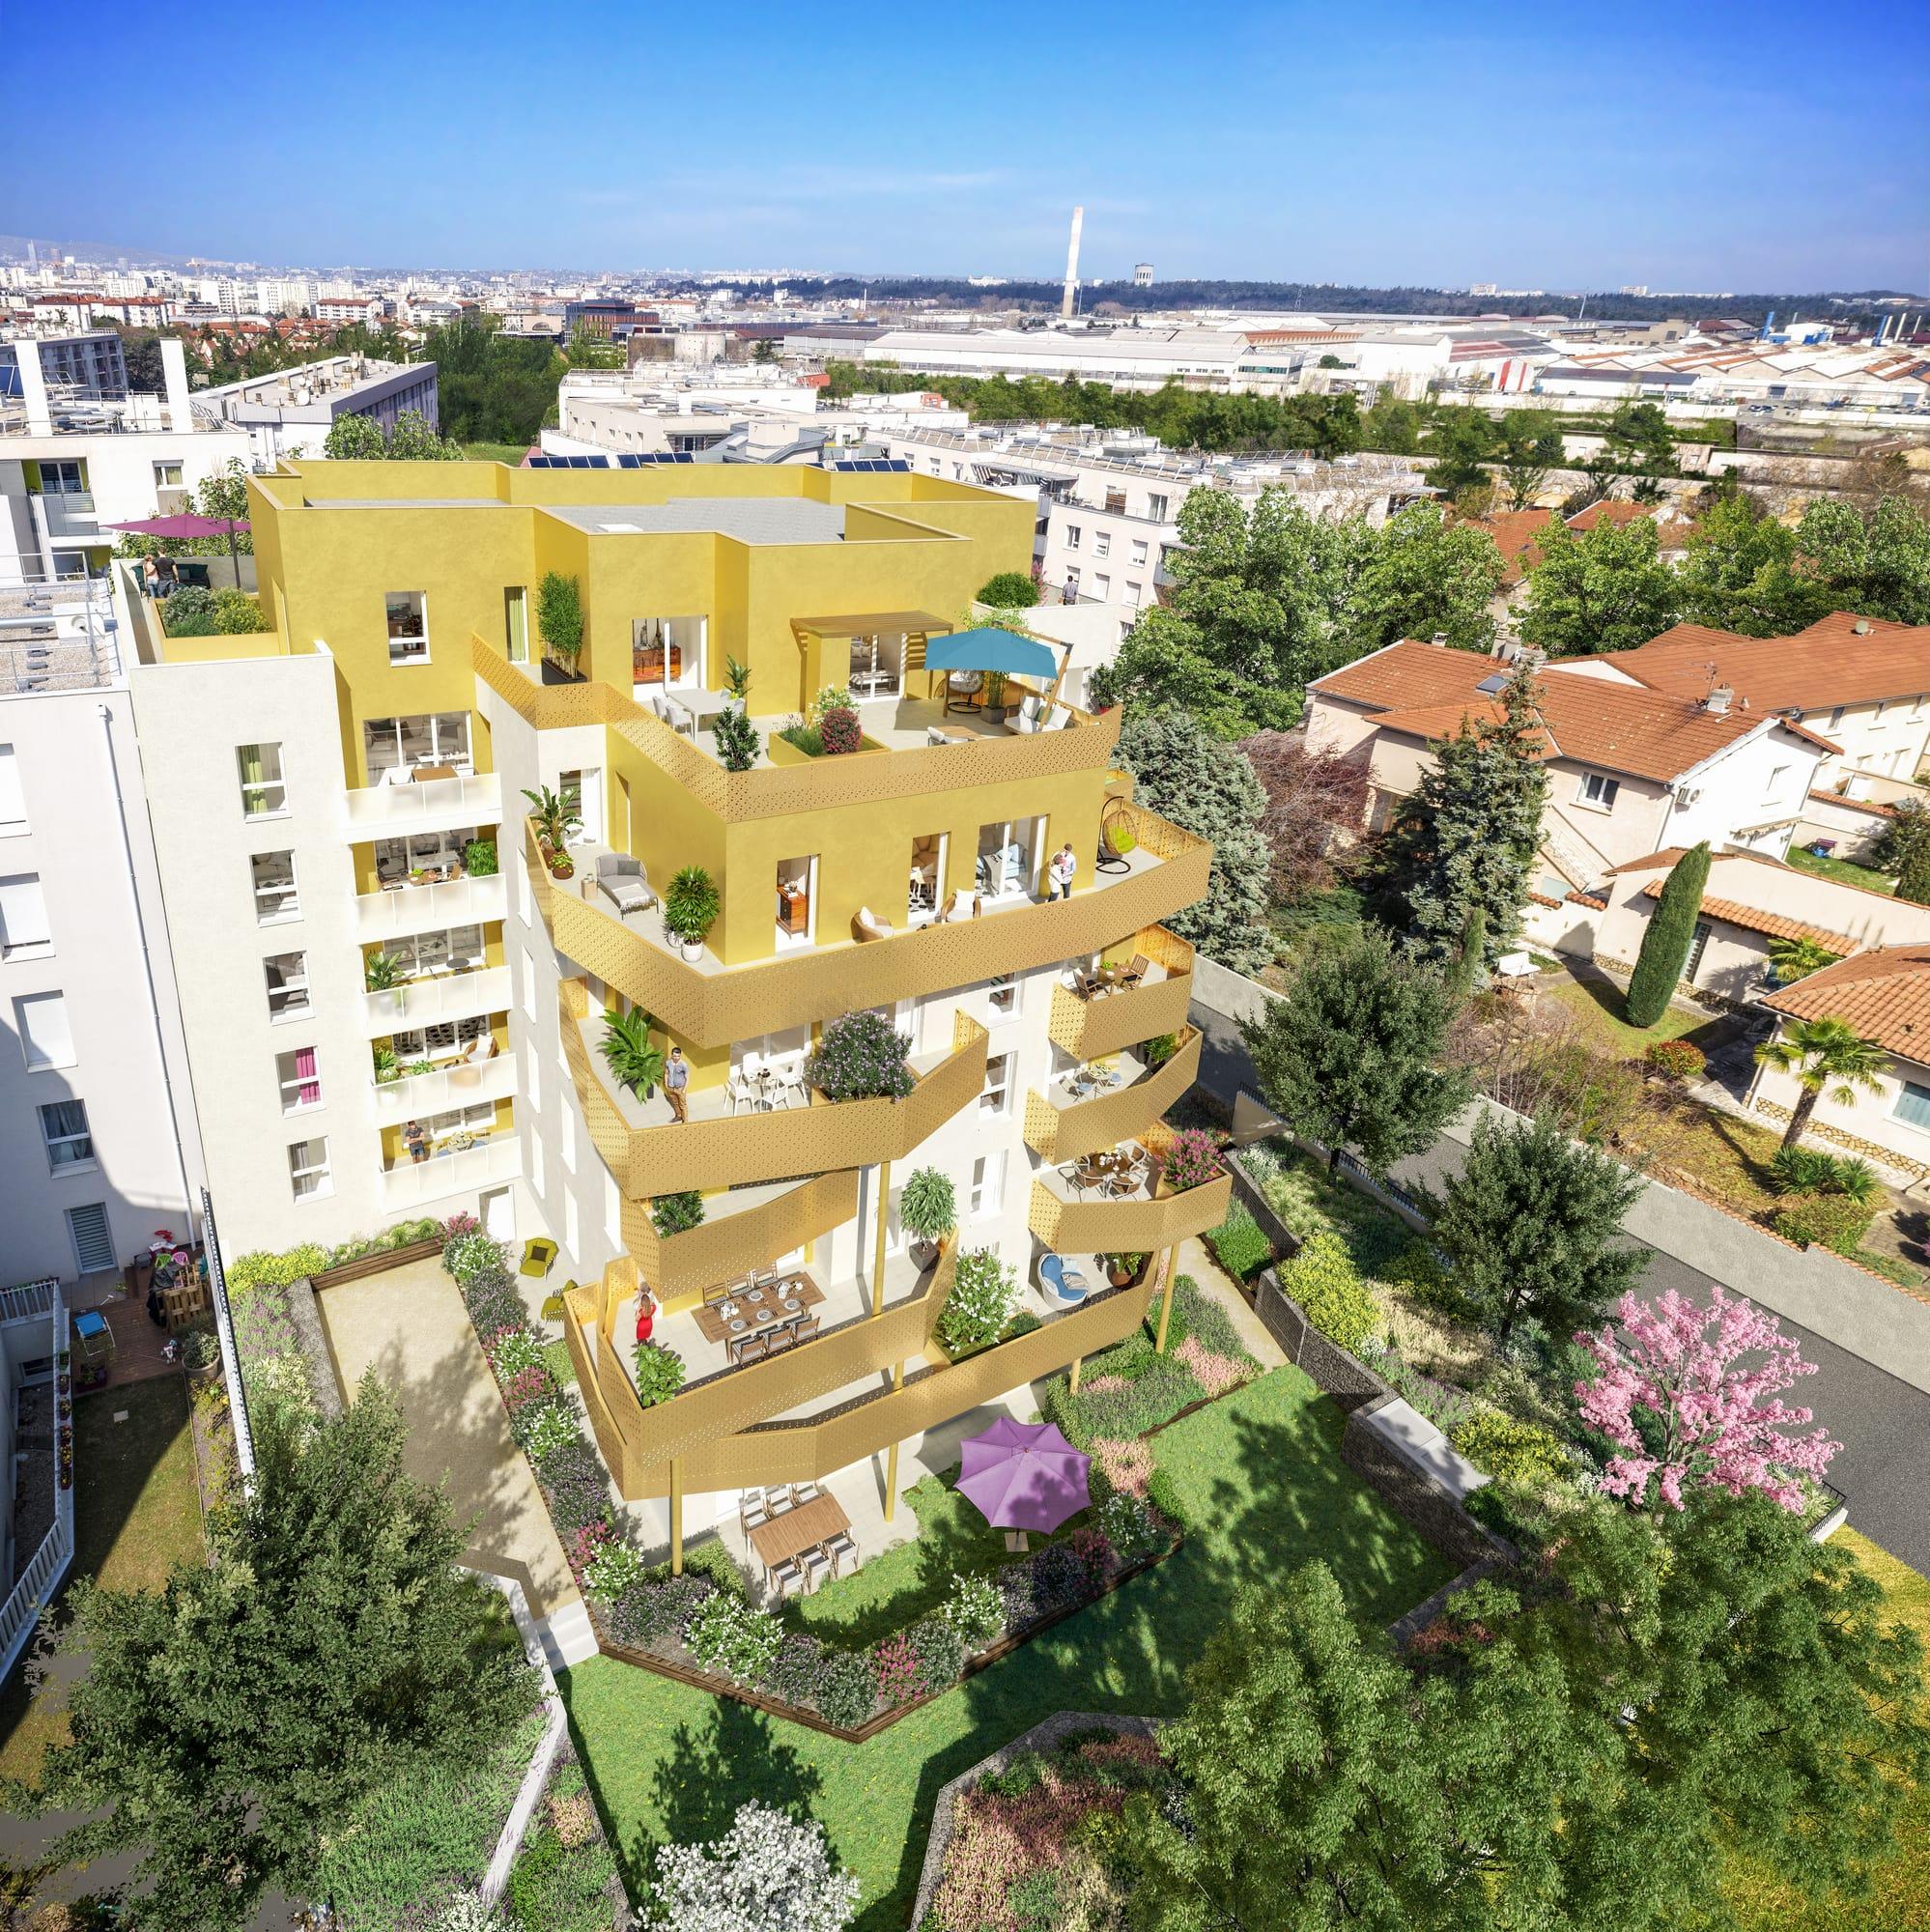 Programme immobilier ALT100 appartement à Vénissieux (69200) Oxygénée par un agréable jardin intérieur